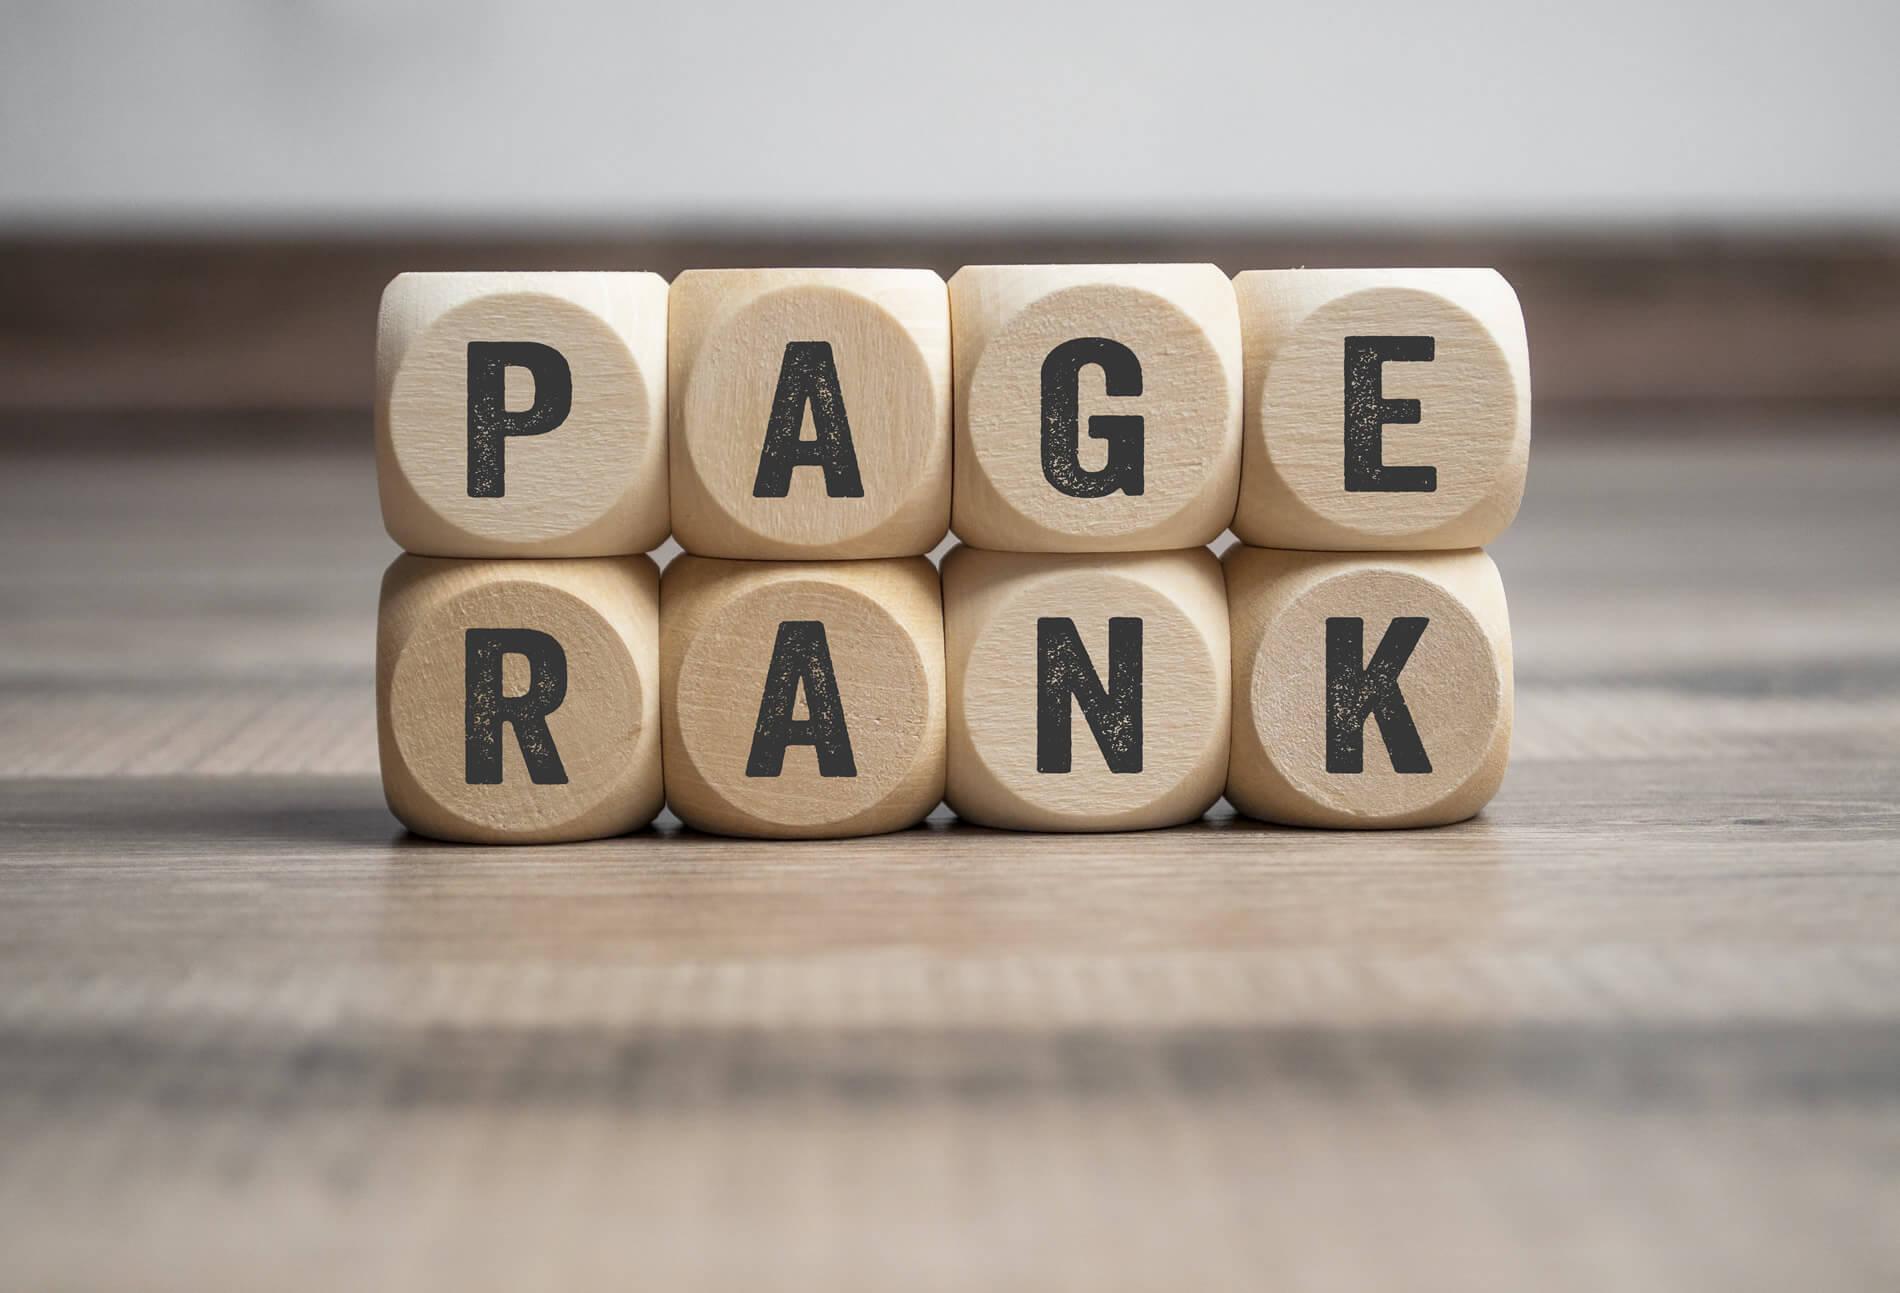 Der Pagerank war ursprünglich der dominierende Faktor im Google Ranking